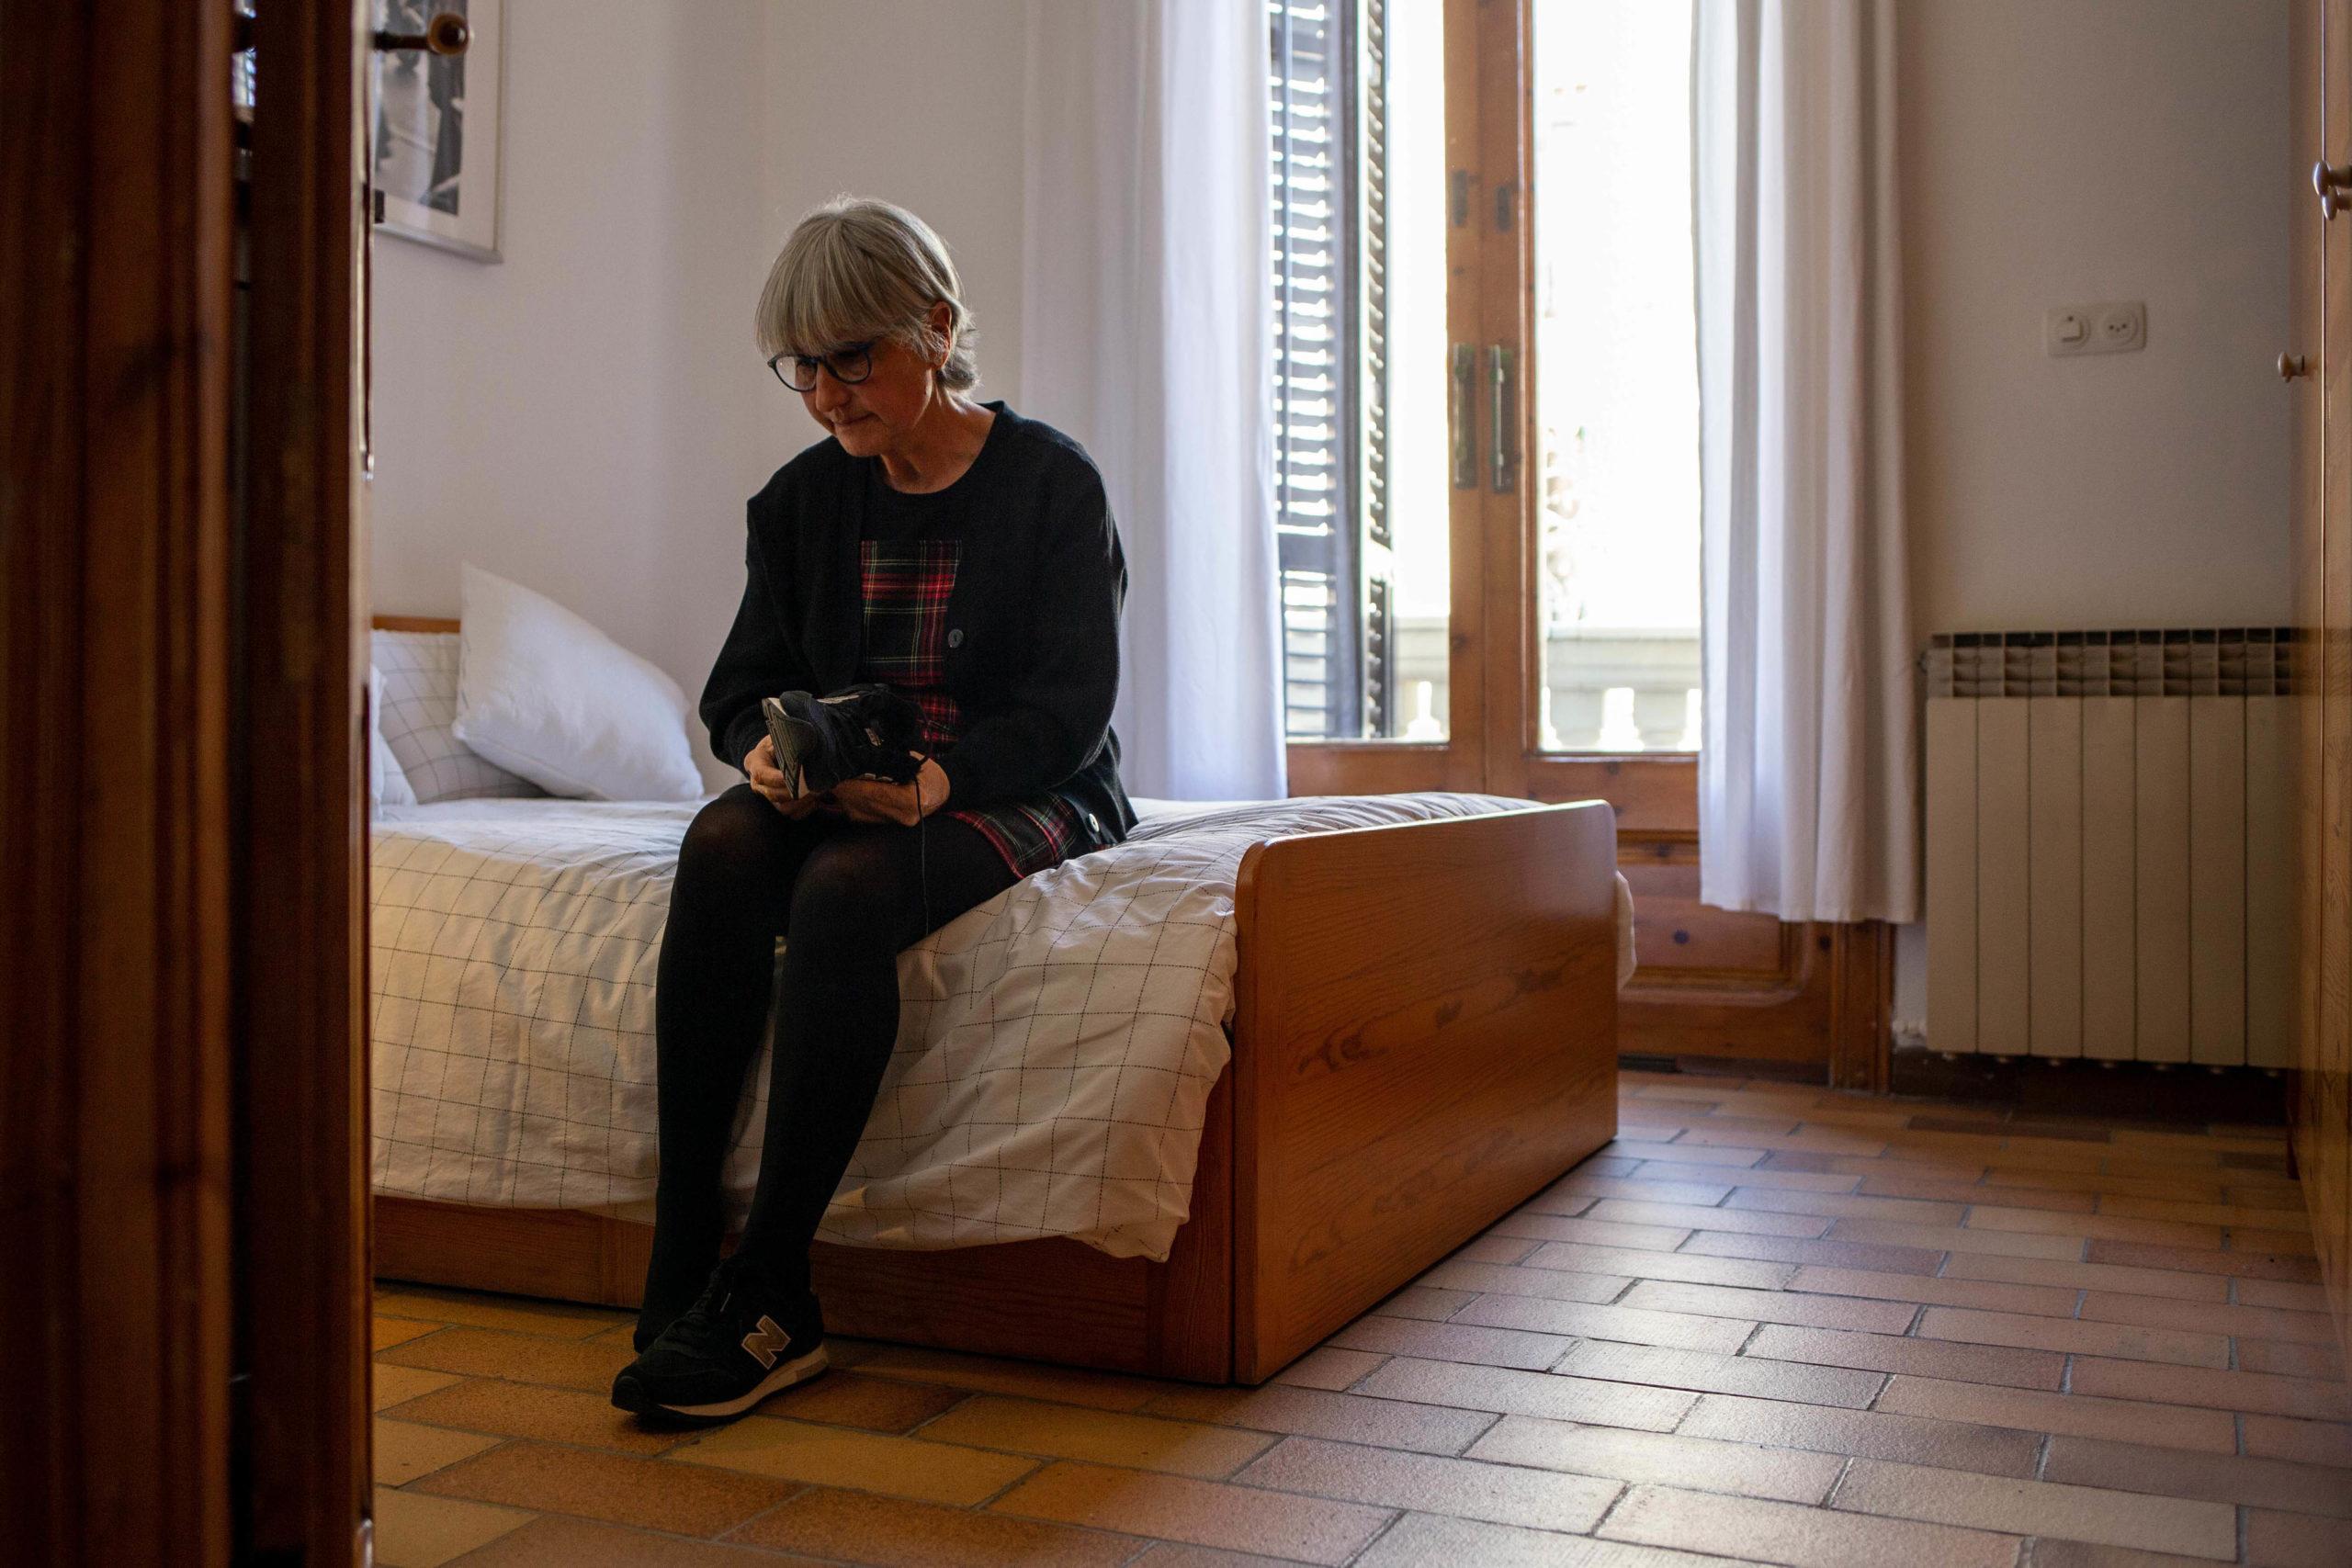 Dona posant-se les sabates al seu dormitori, asseguda damunt del llit